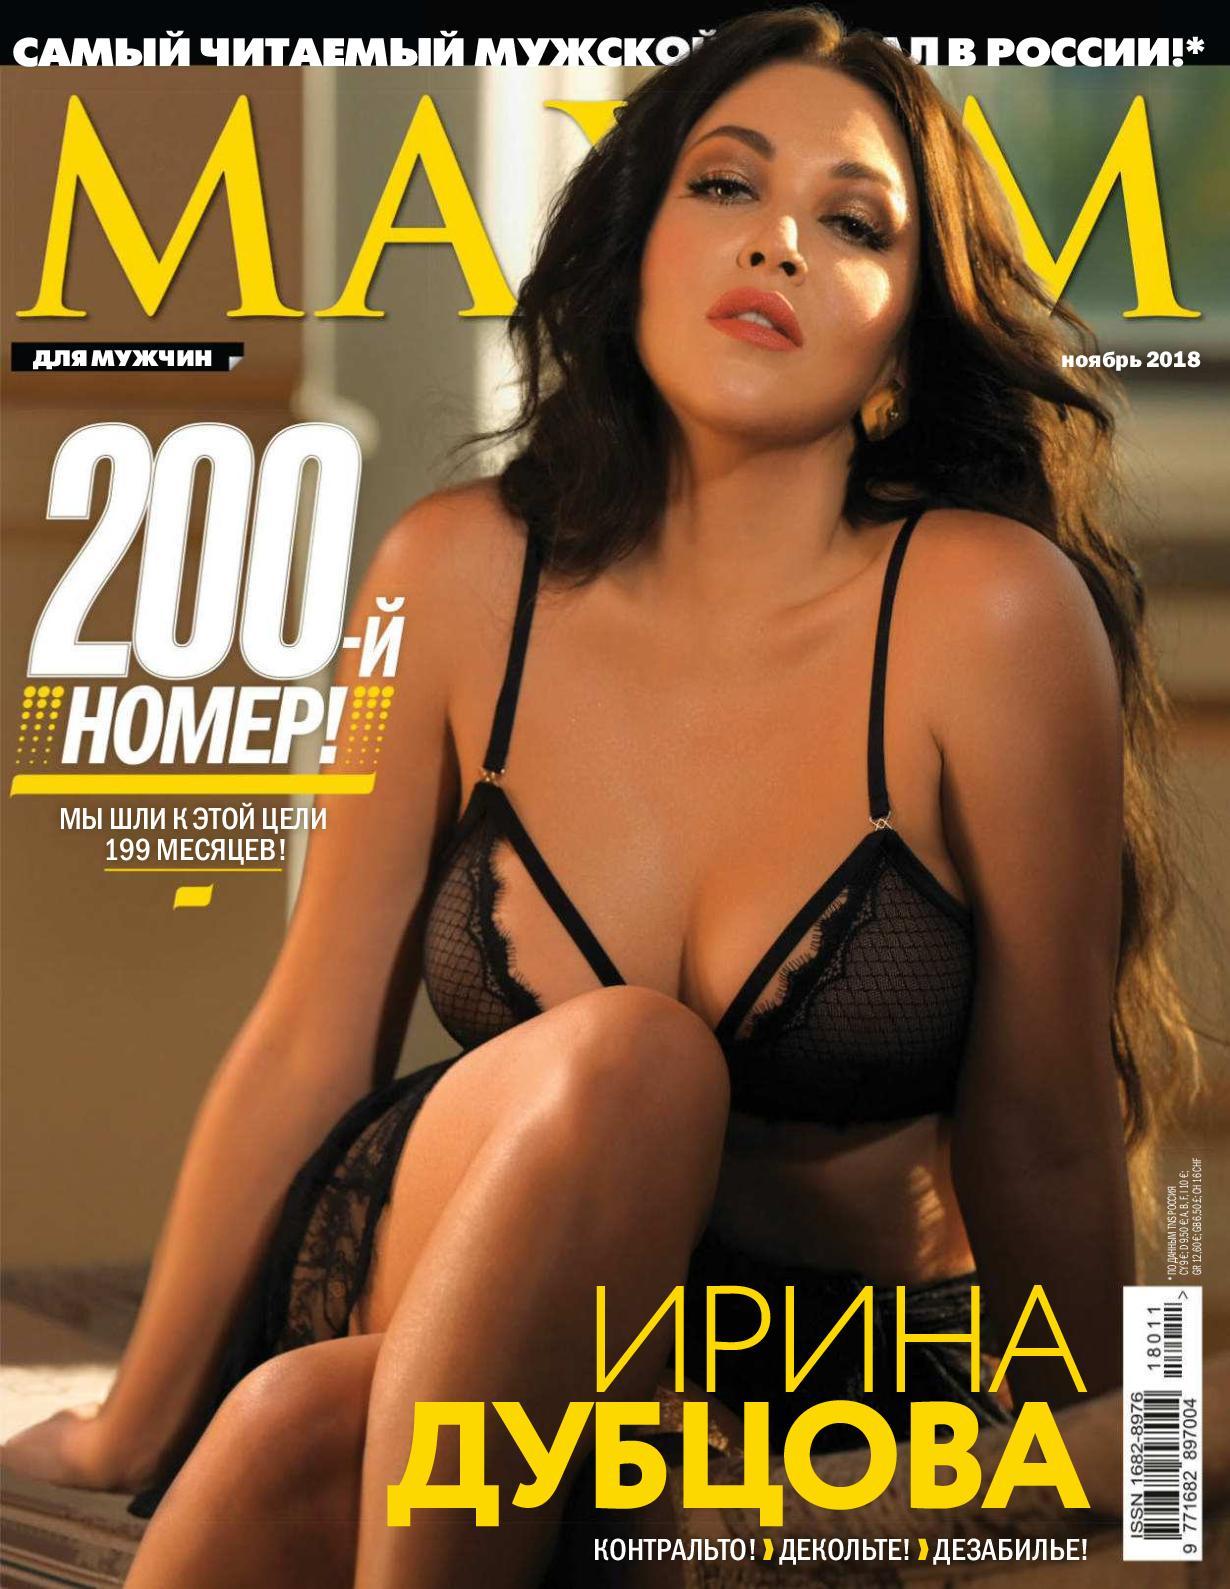 Смотреть русское порно с рубл вскими бизнес леди онлайн